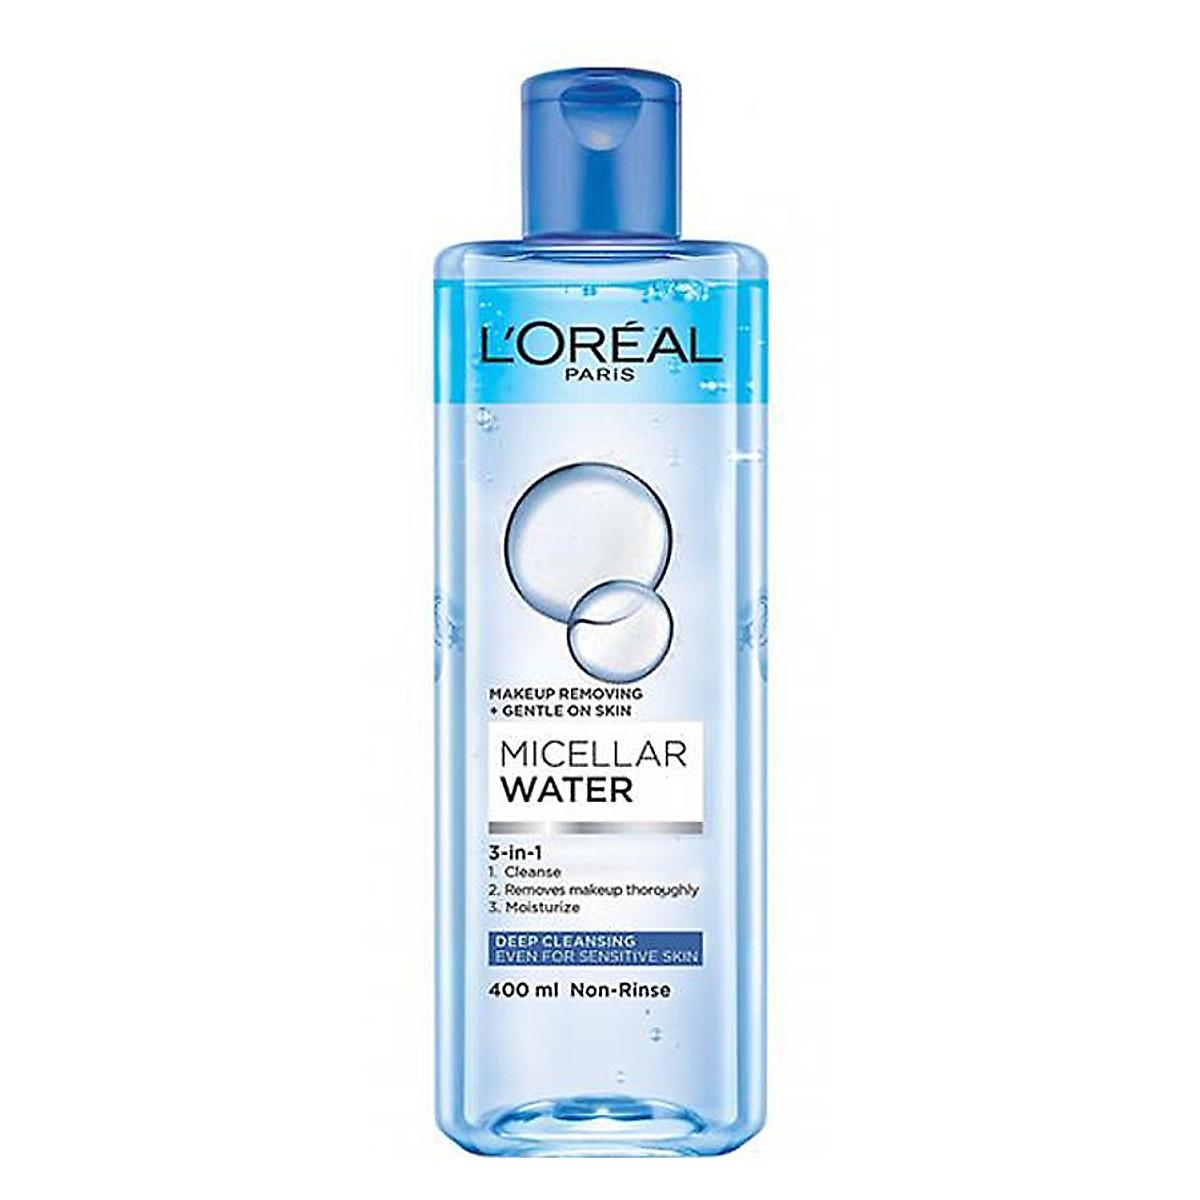 Nước Tẩy Trang 3 in 1 LOreal Paris Micellar Water 400ml - Hàng Nhật nội địa